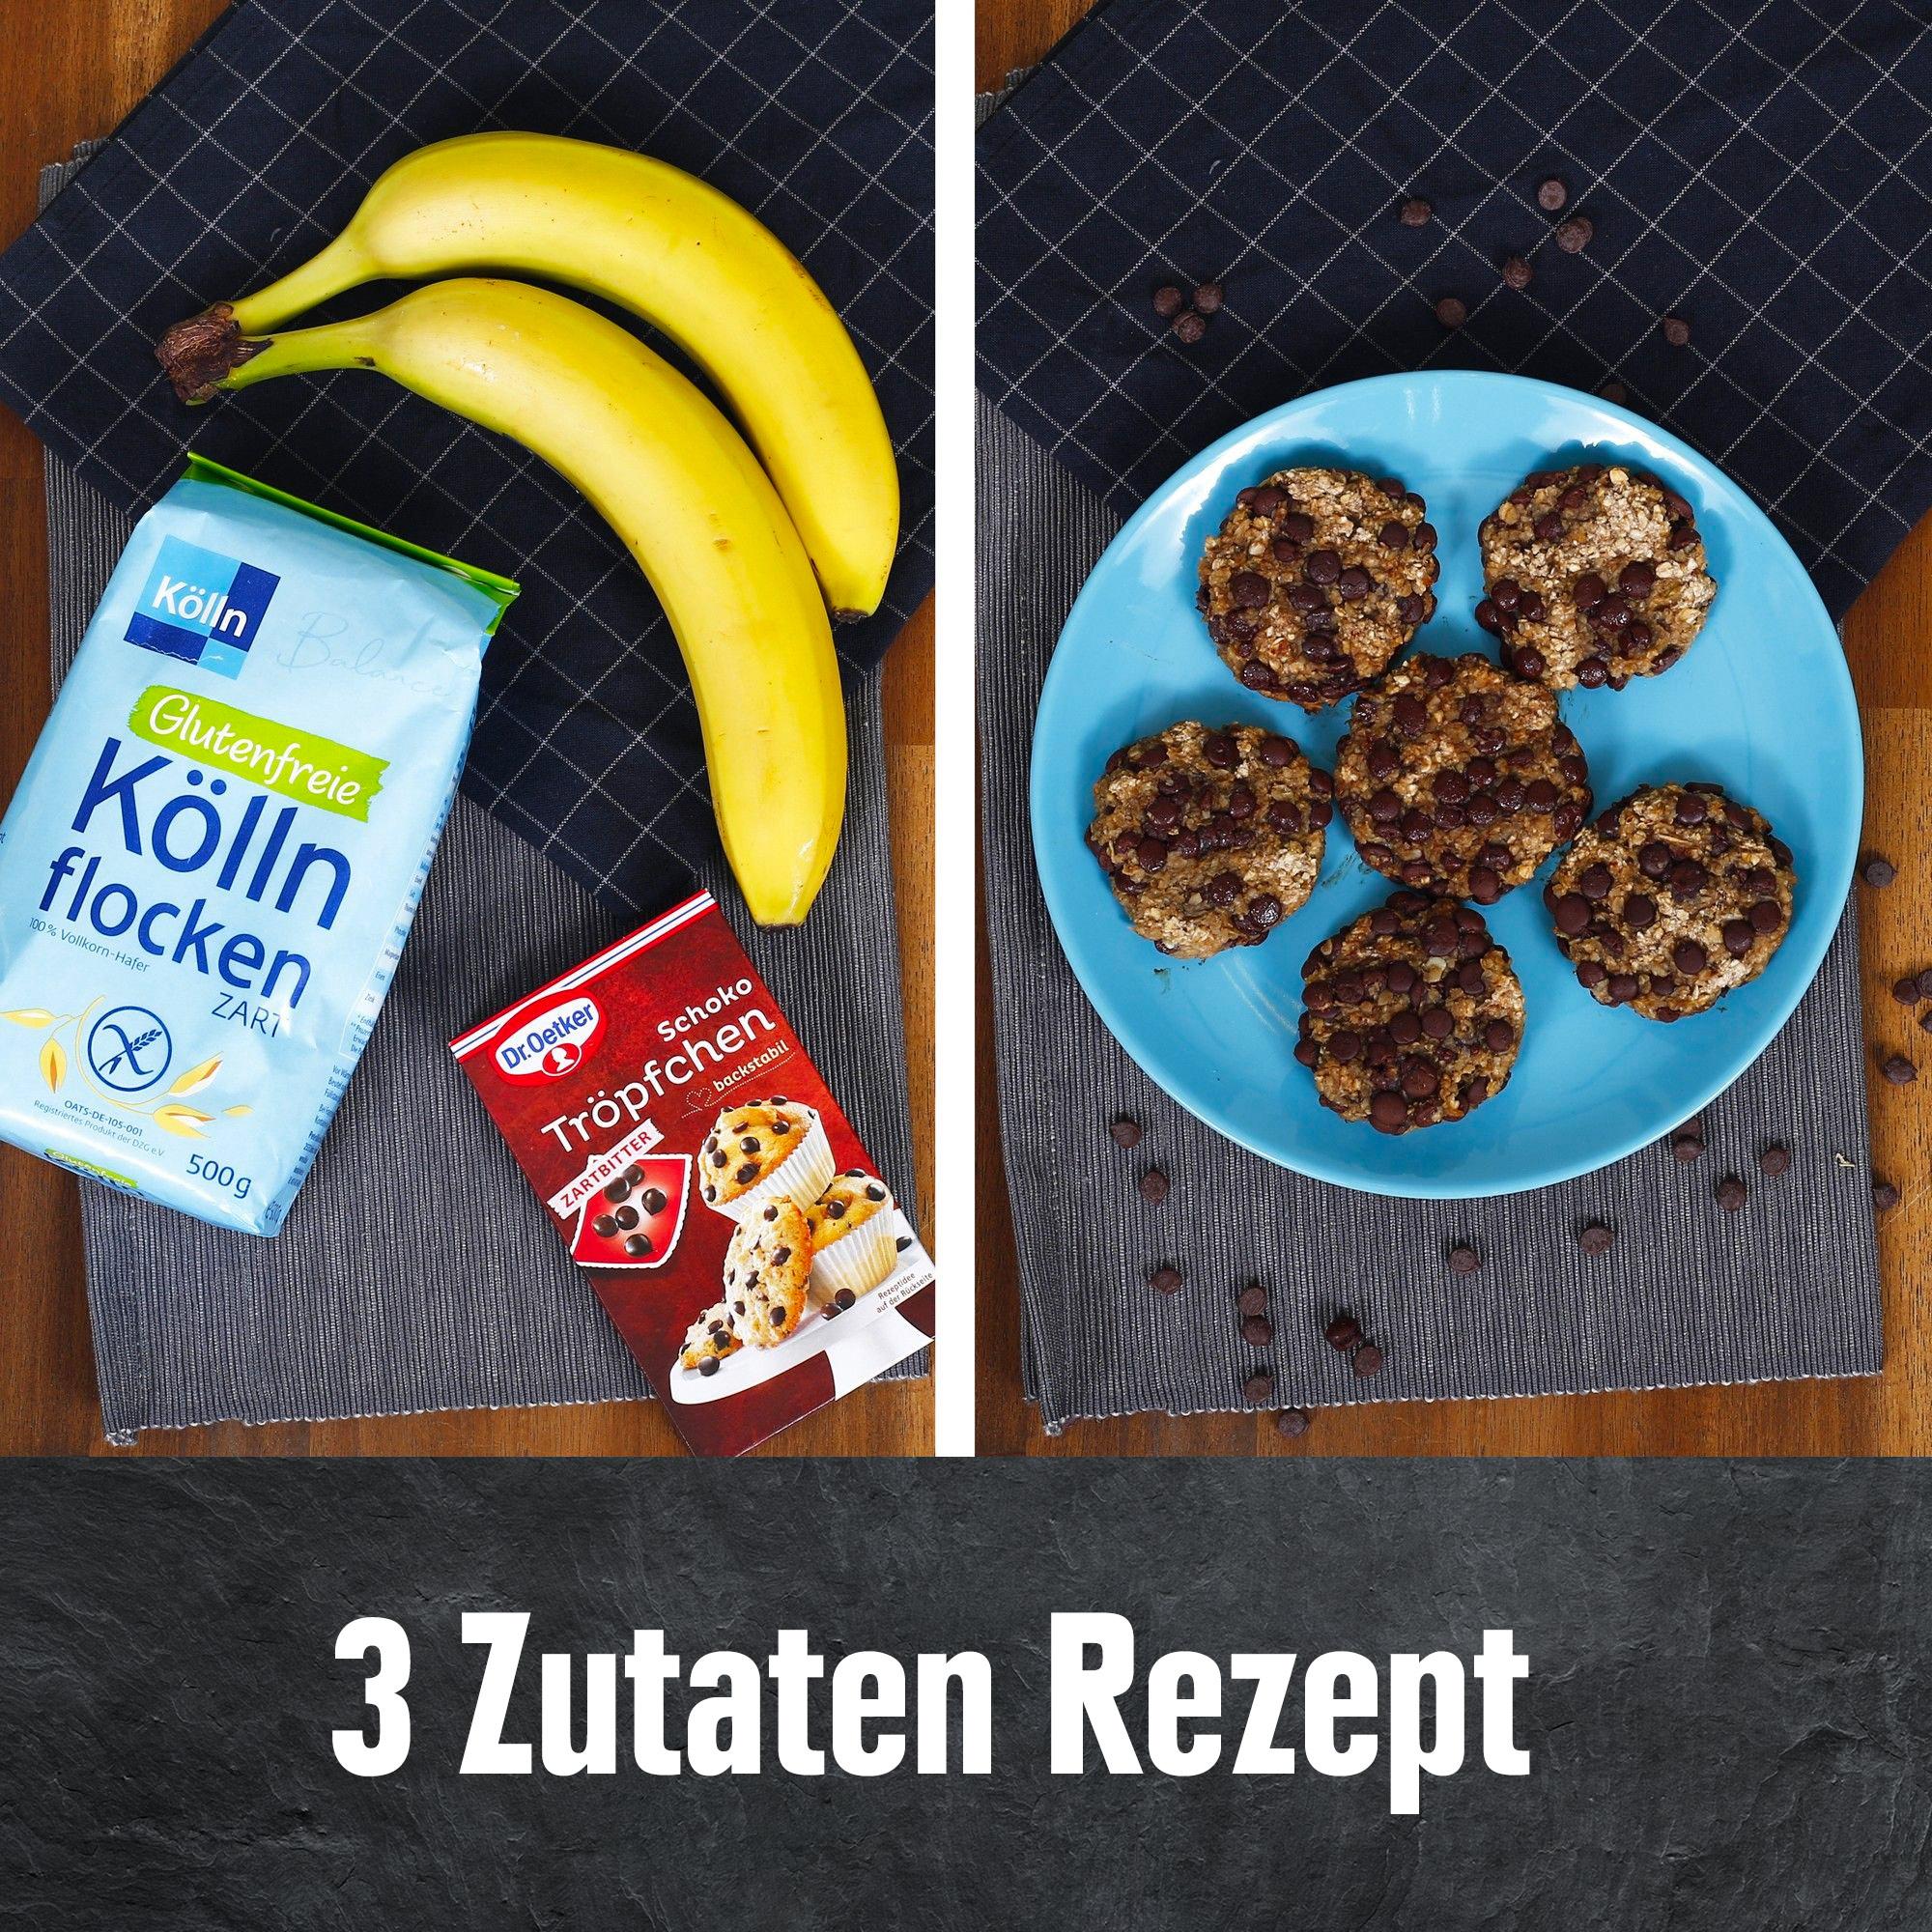 3-Zutaten-Hafer-Bananen v2